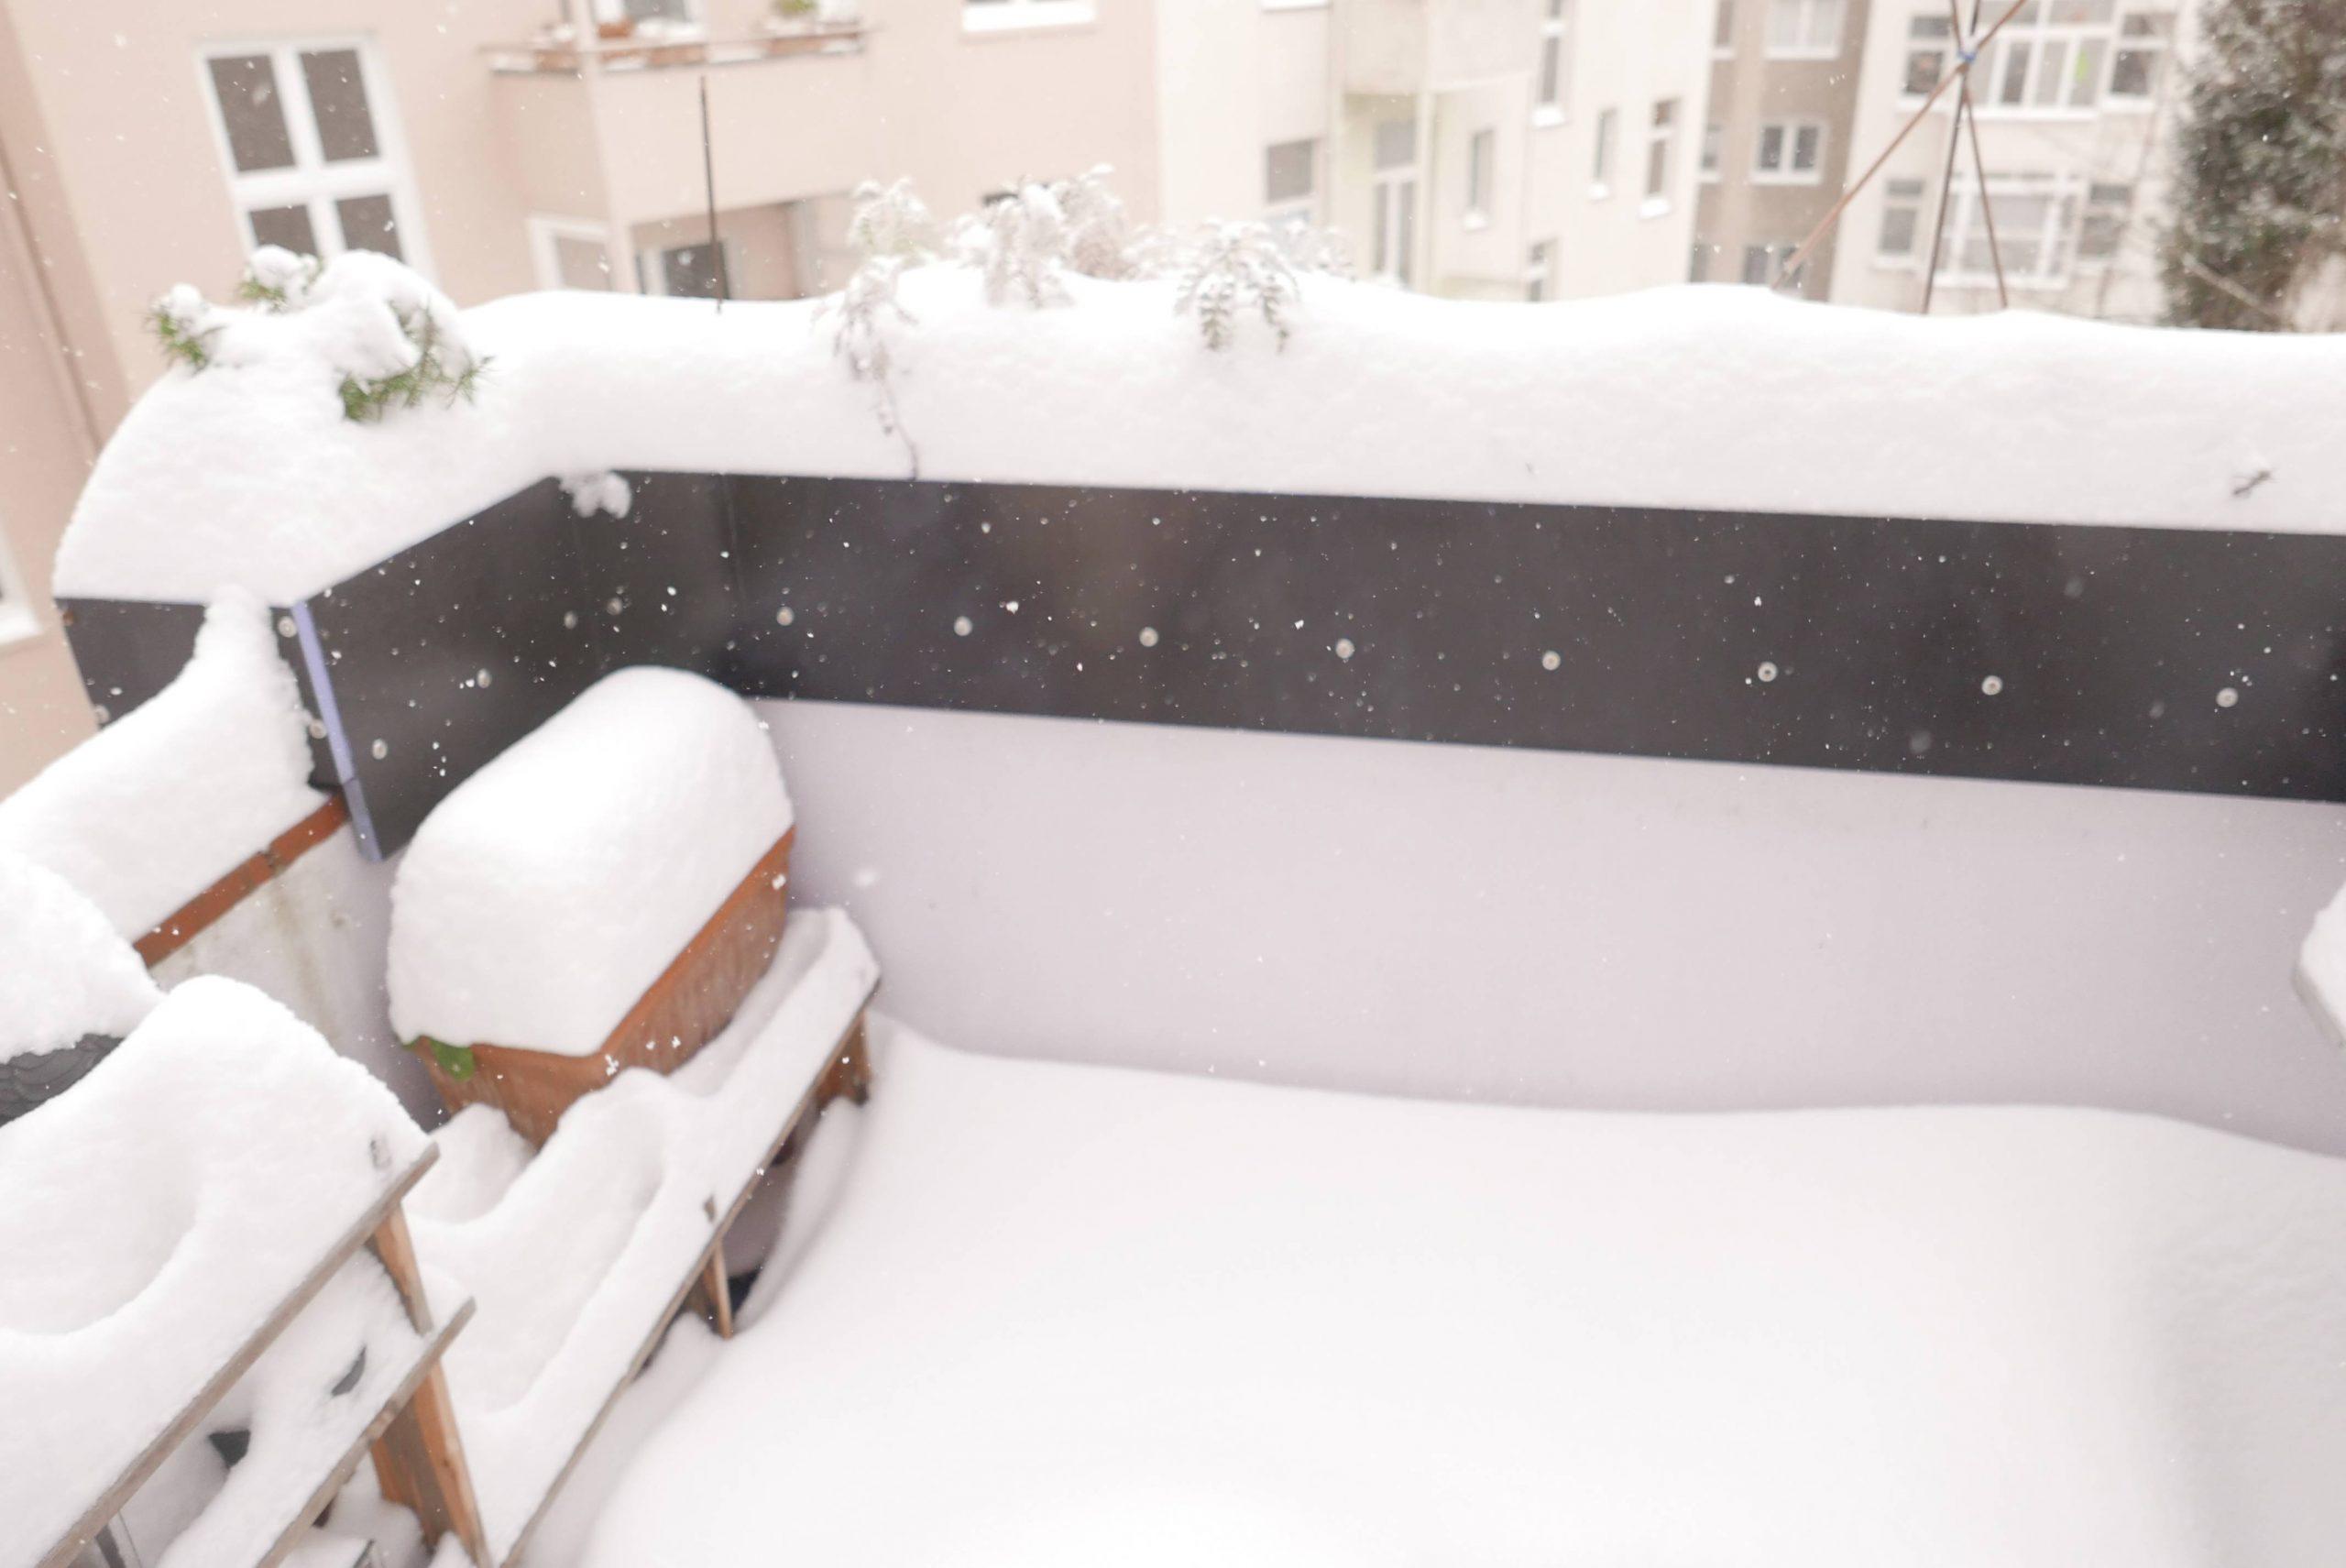 Brüstungserhöhung vom Balkon im Altbau im Winter